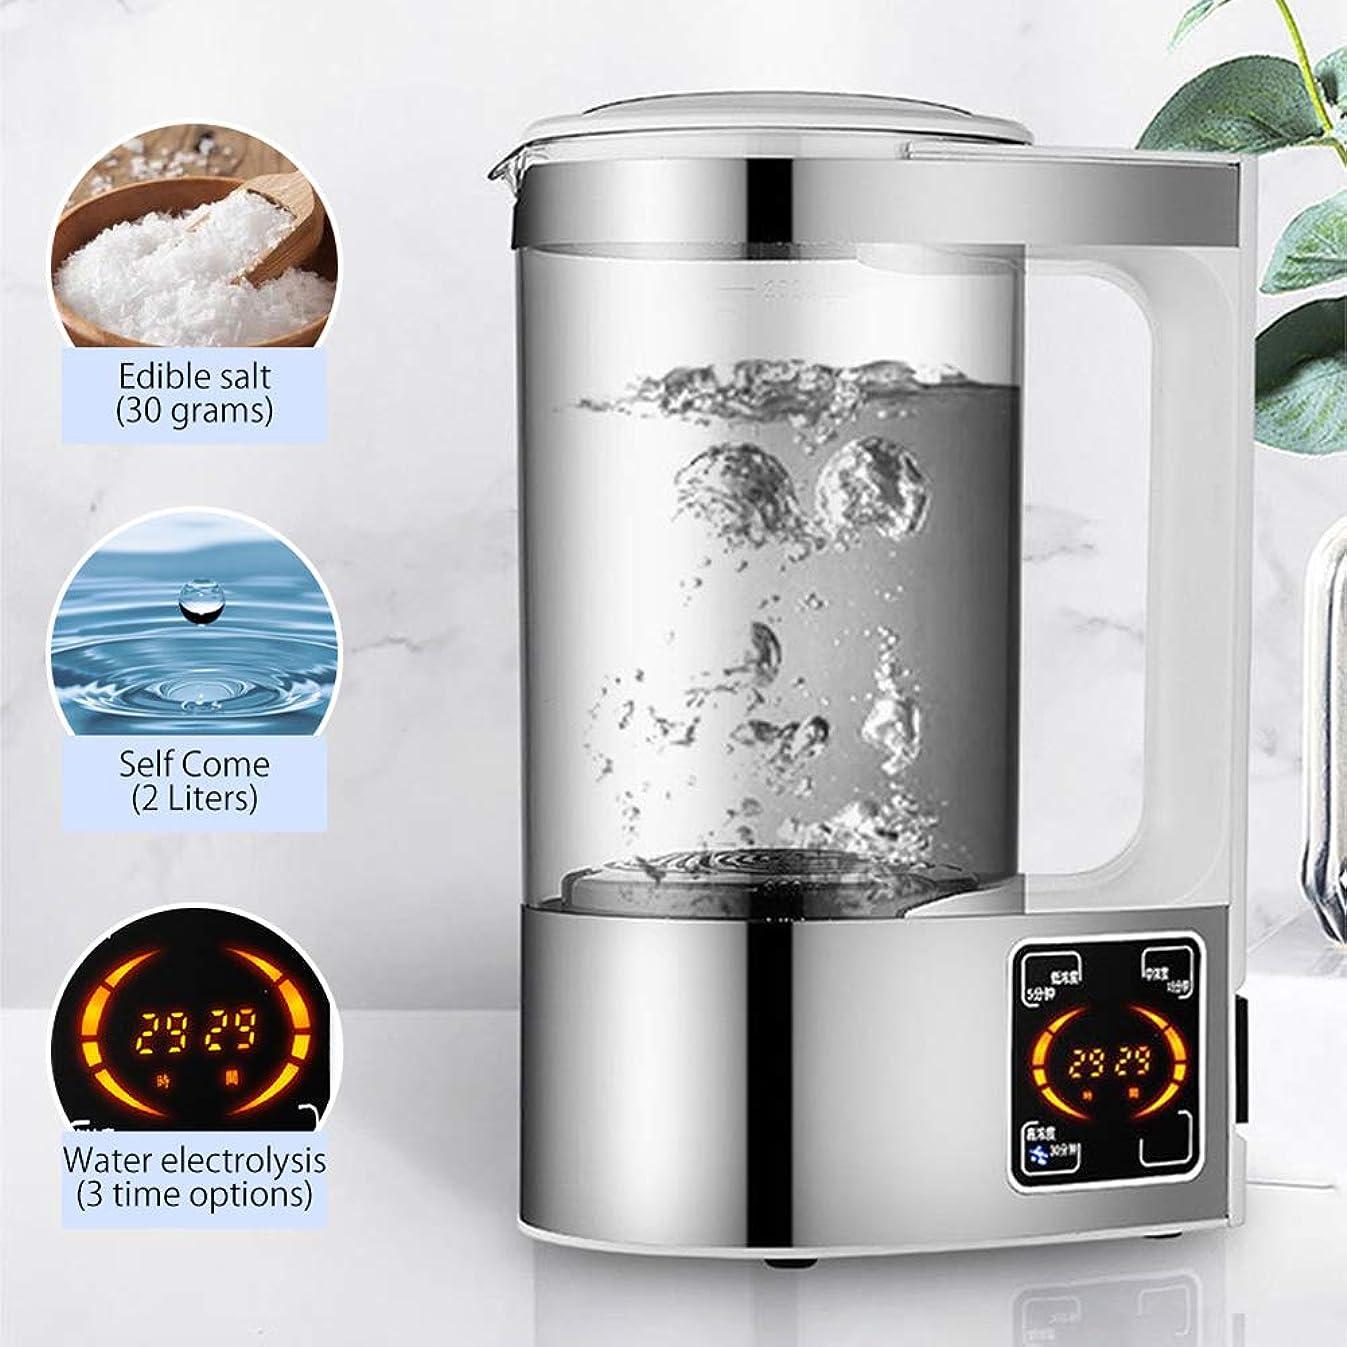 電話マイナーコース次亜塩素酸ナトリウムジェネレーター自家製クリーナー装置スプレーマシンの洗浄毎日の洗浄用の電解塩水メーカー滅菌率が99.99%に達しています